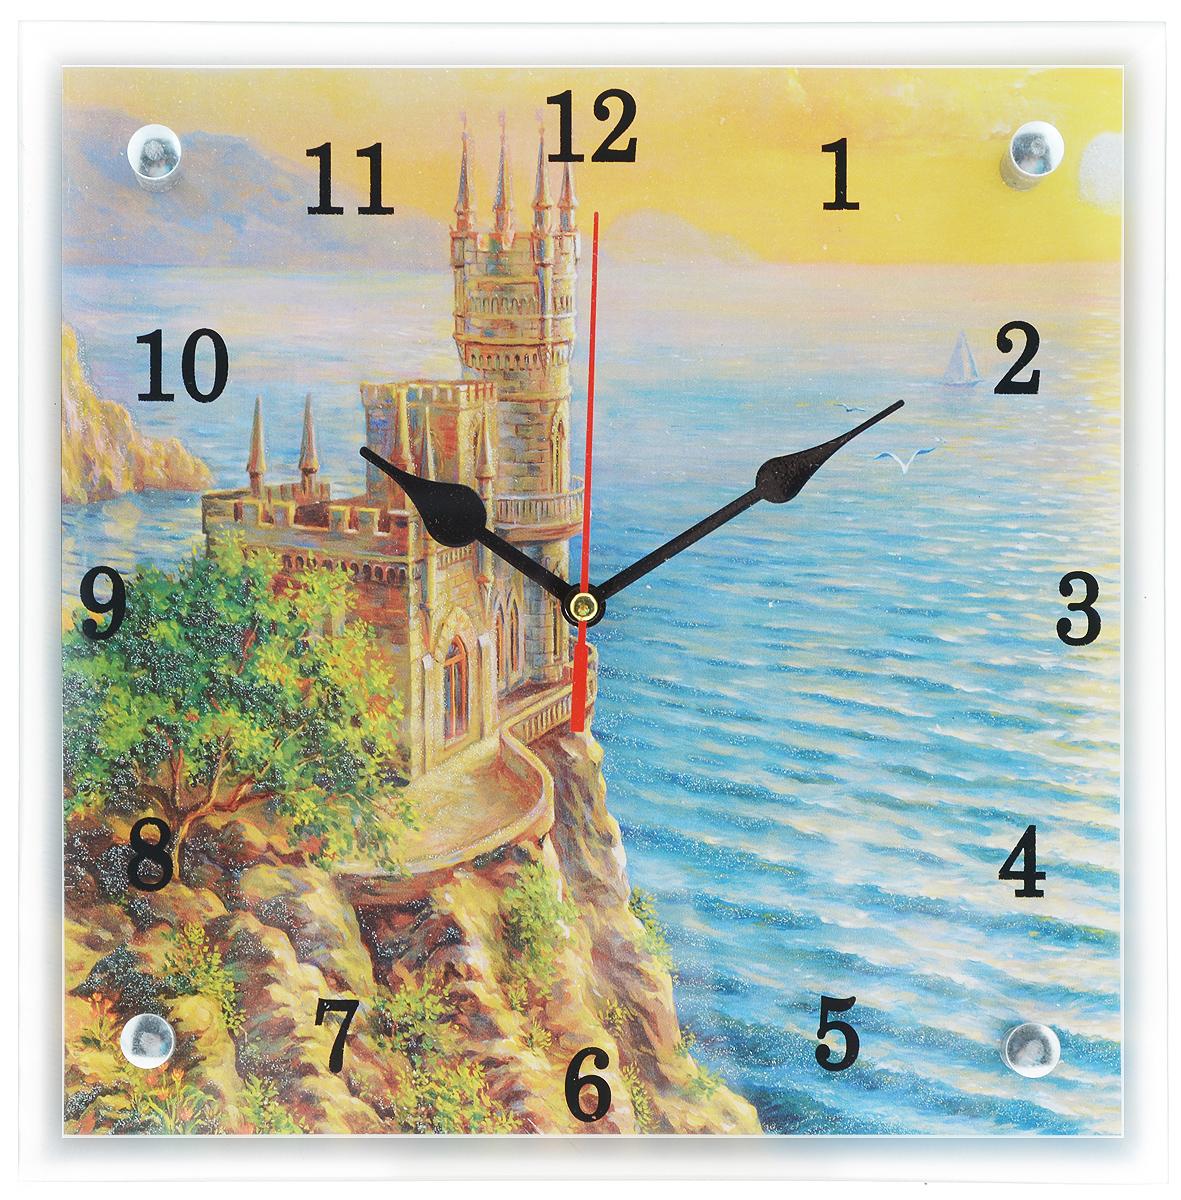 Часы настенные Proffi Home Ласточкино гнездо, 25 х 25 смВ93Настенные кварцевые часы Proffi Home Ласточкино гнездо, изготовленные изДВП и стекла, прекрасно подойдут под интерьер вашего дома. Квадратные часыимеют три стрелки: часовую, минутную и секундную. Часы оснащеныметаллической петелькой для подвешивания.Часы работают от 1 батарейки типа АА напряжением 1,5 В (не входит в комплект). Размер часов: 25 х 25 х 3,5 см.